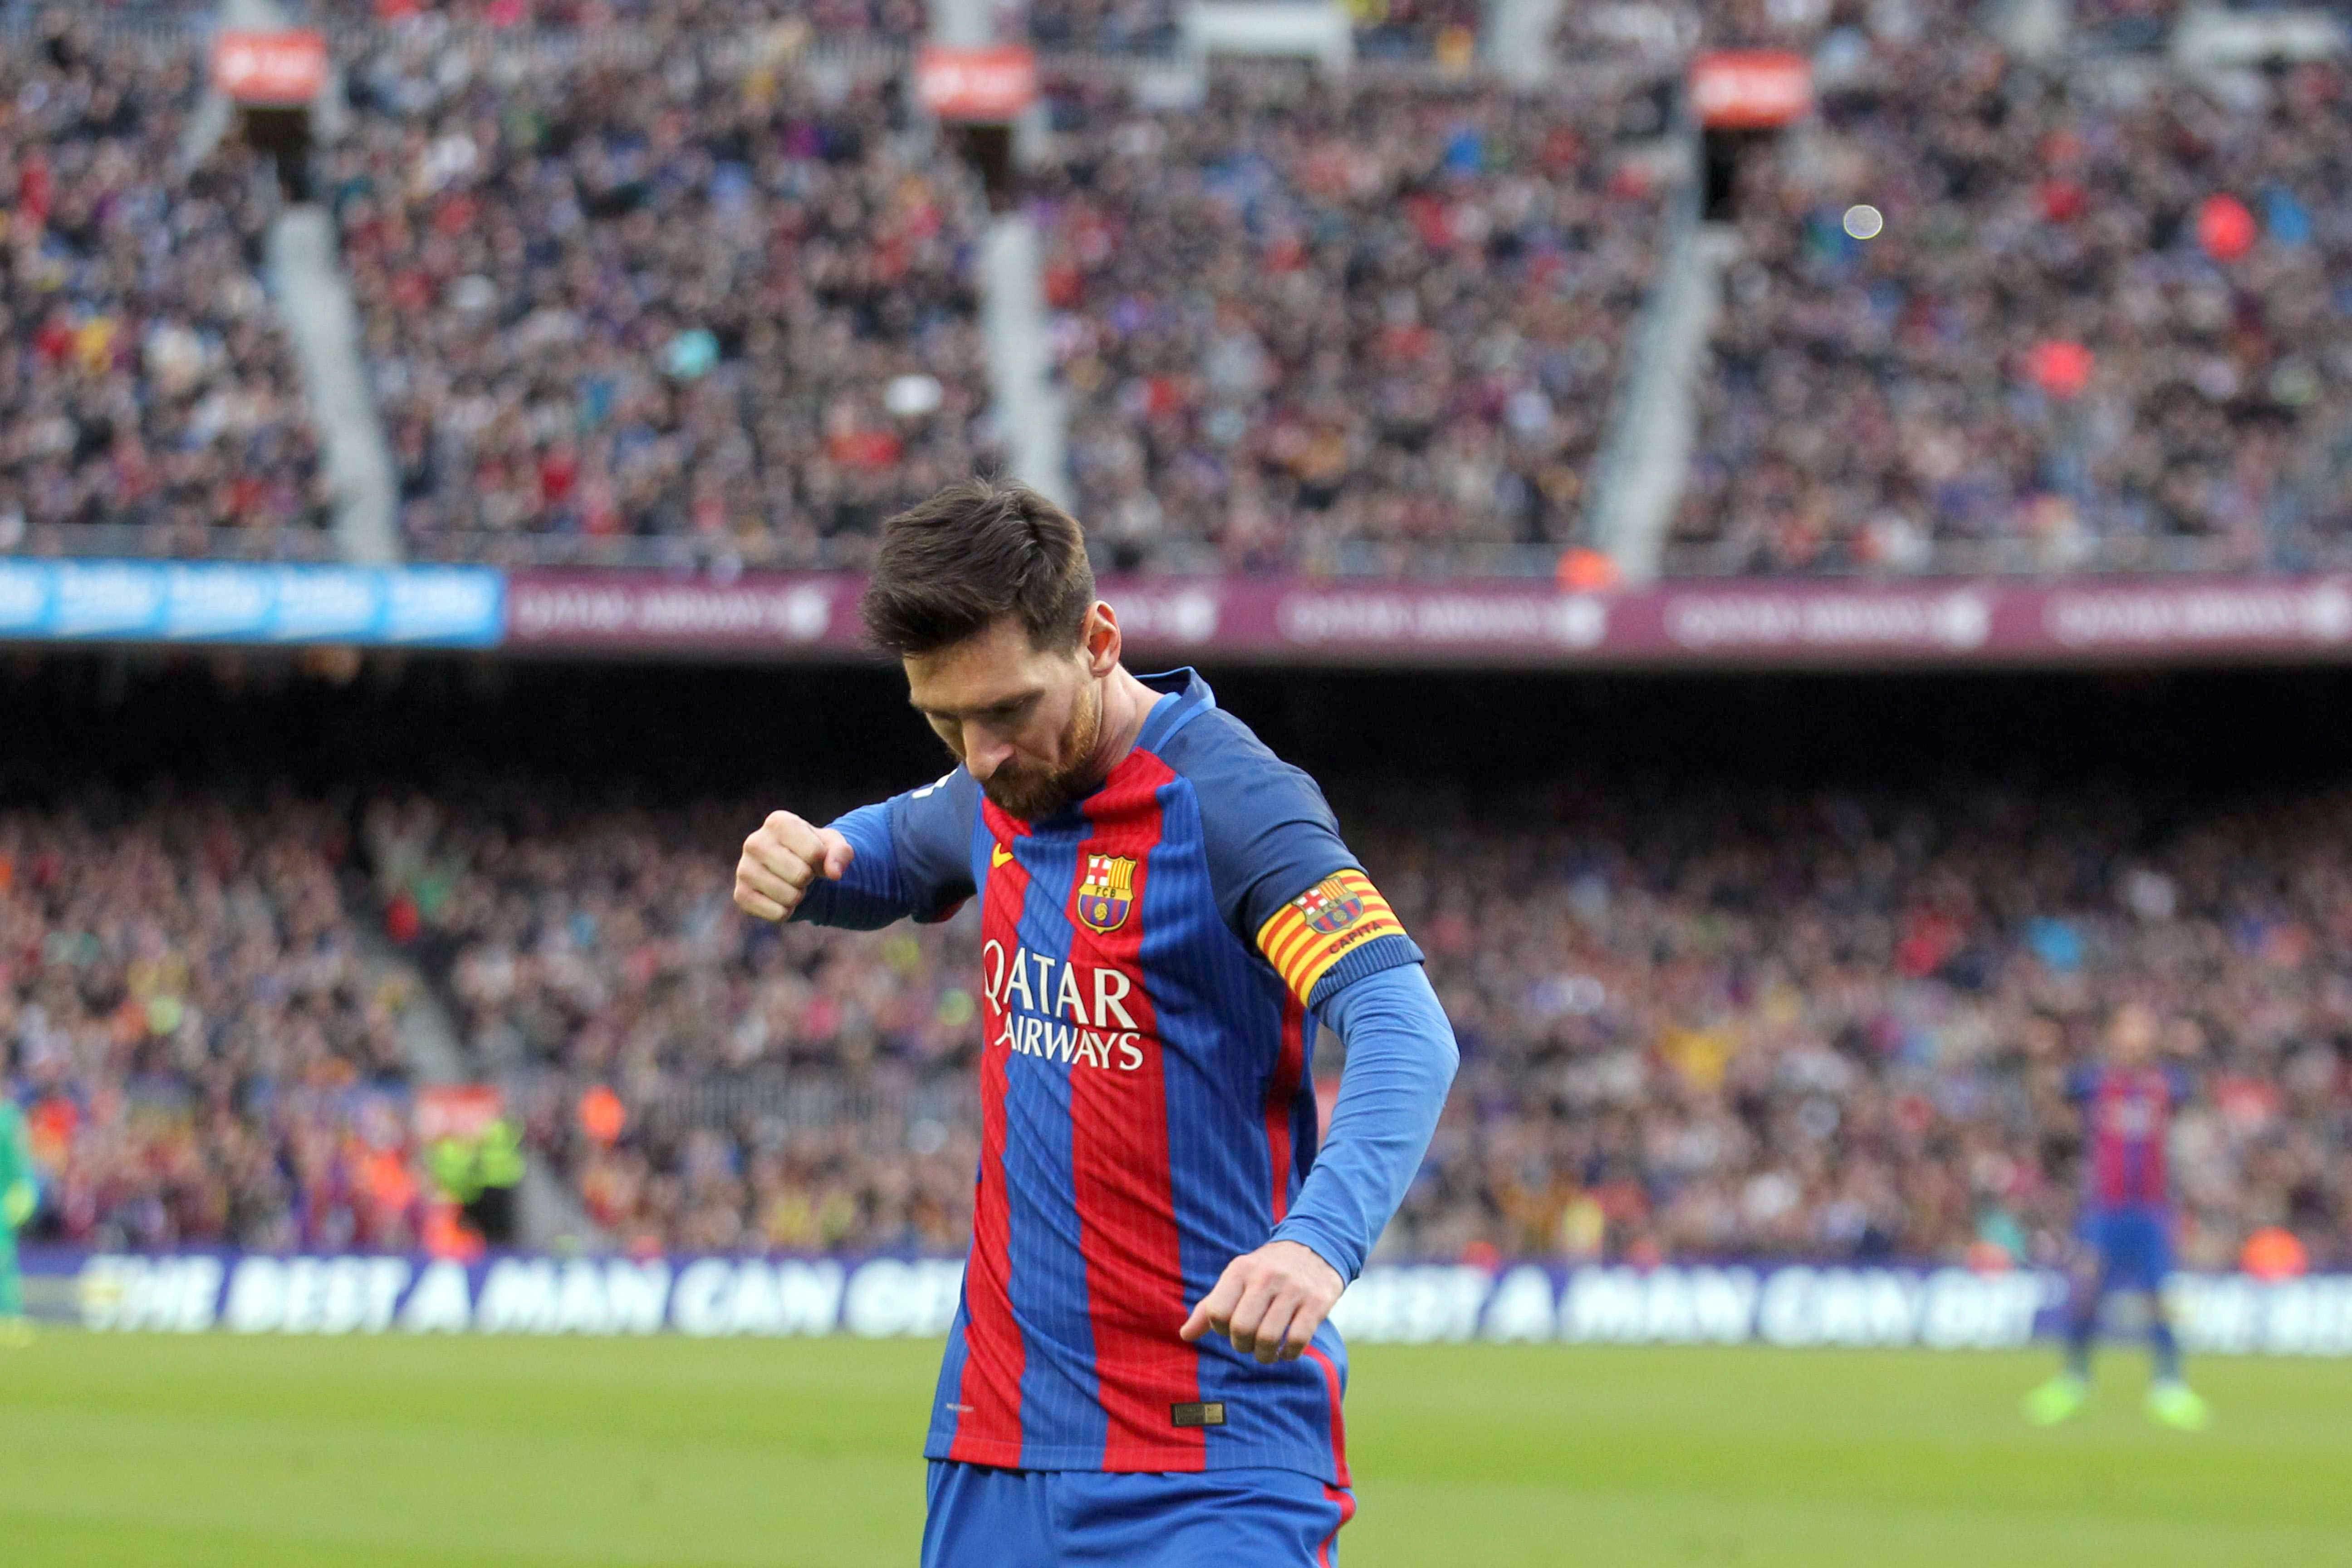 El rosarino seguirá deleitando en el Camp Nou